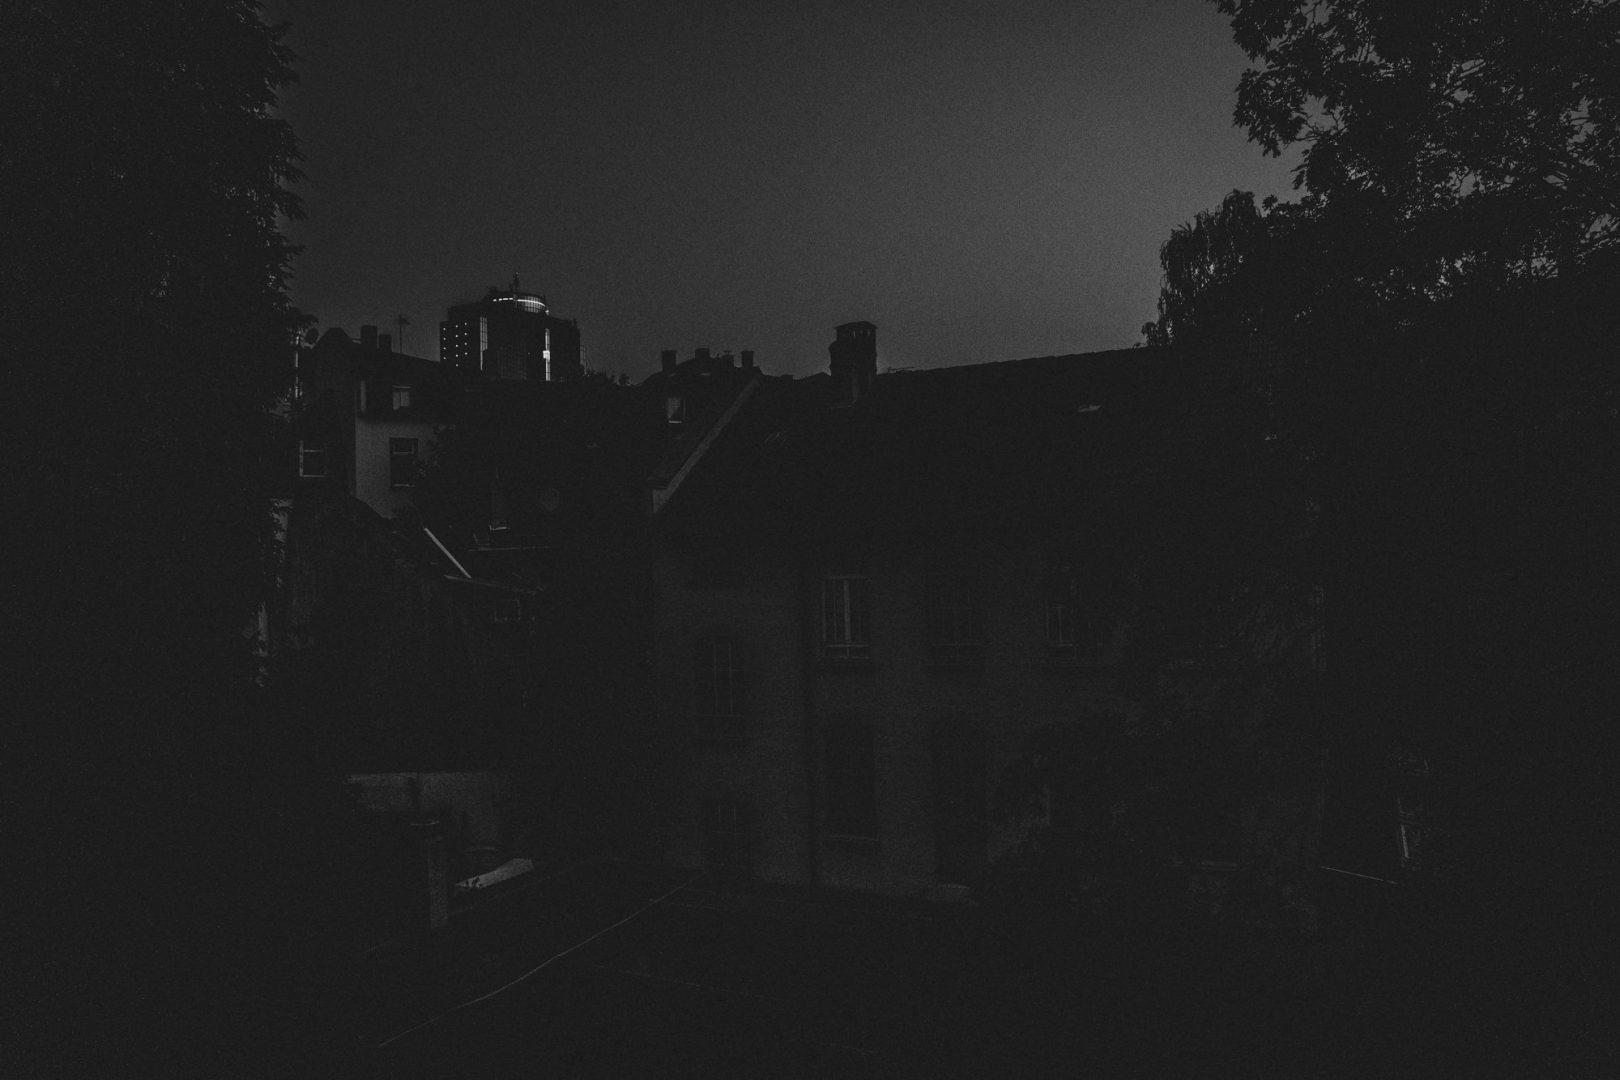 Frankfurter Häuserzeile schwarzweiß